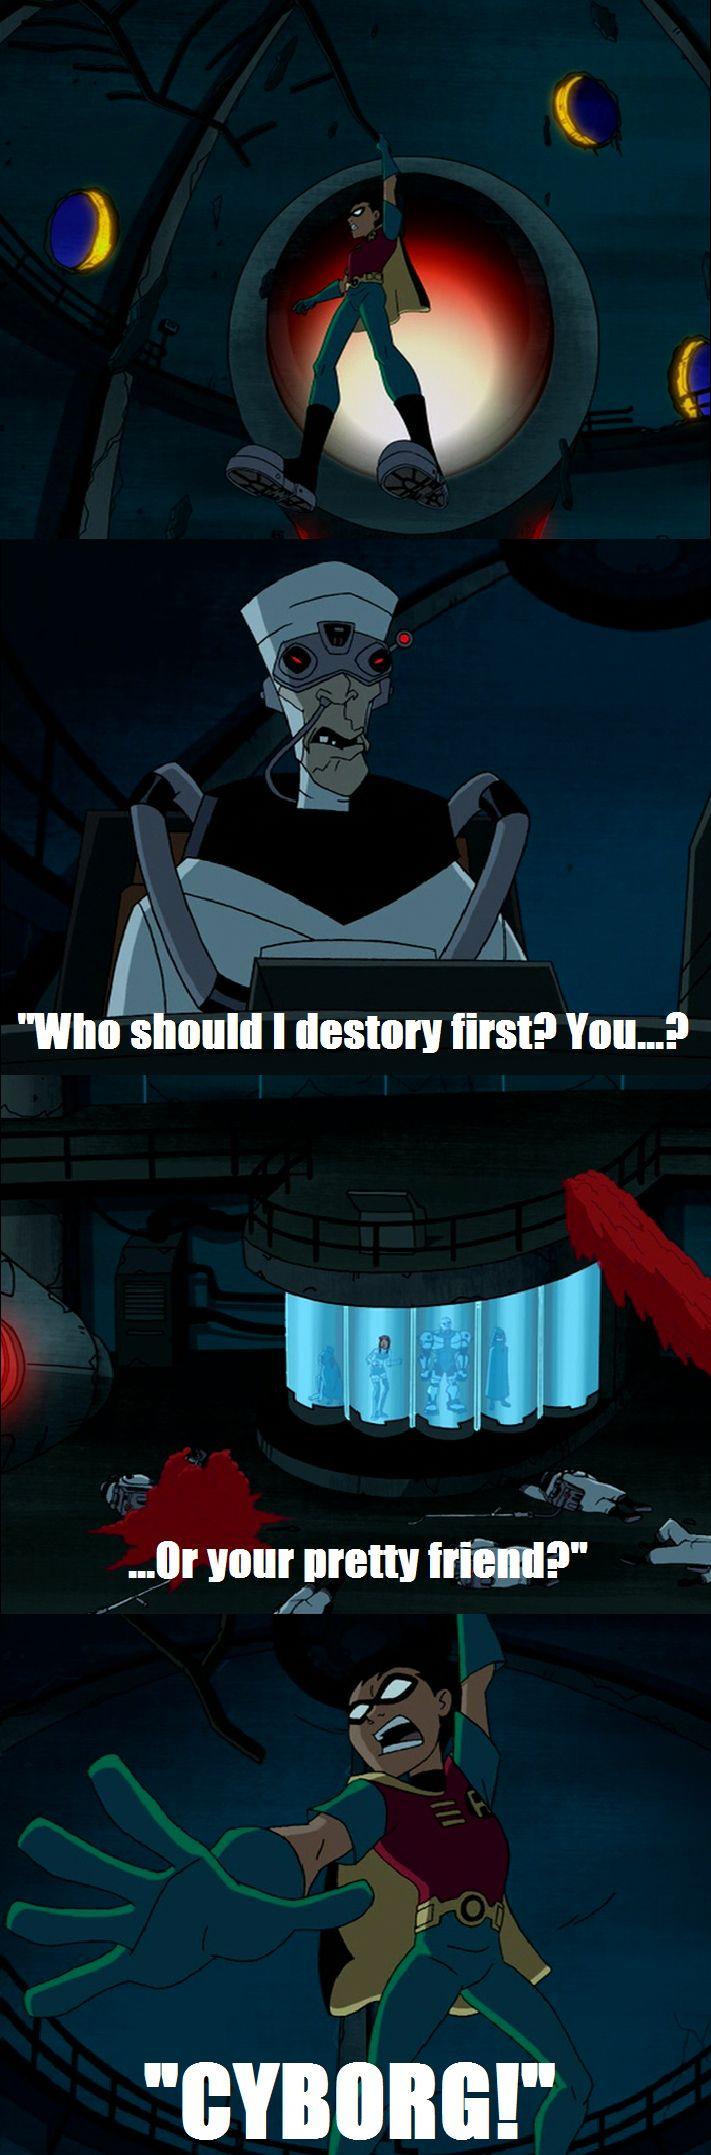 266 Best Teen Titans Images On Pinterest  Ravenna, Teen -7209